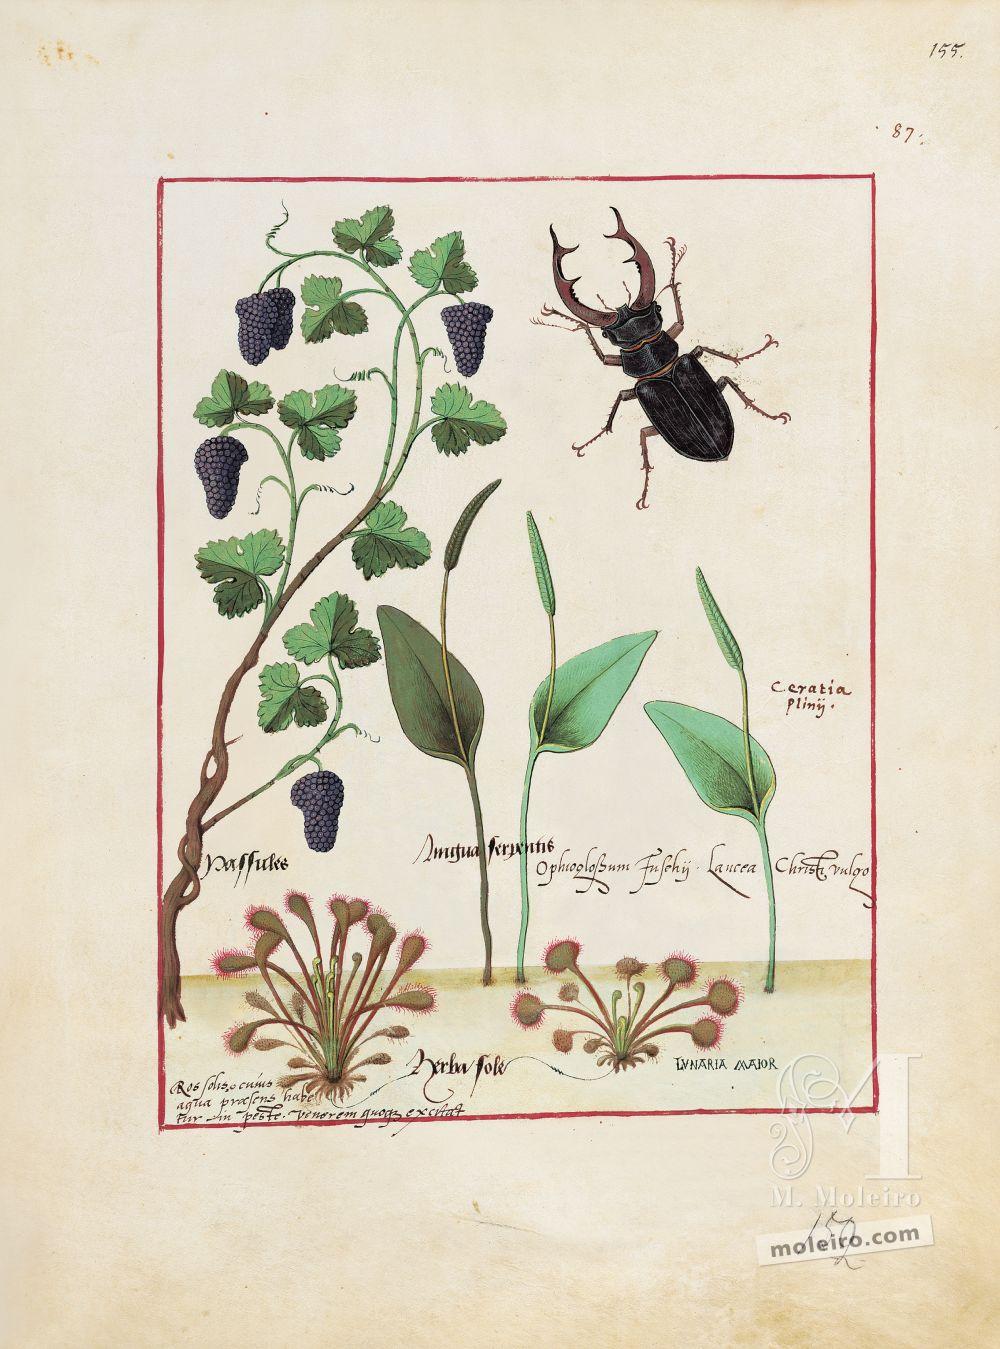 Pasta com 5 fólios do Livro dos Medicamentos Simples (s. XV)   Fólio 155r, Passas (Passules)